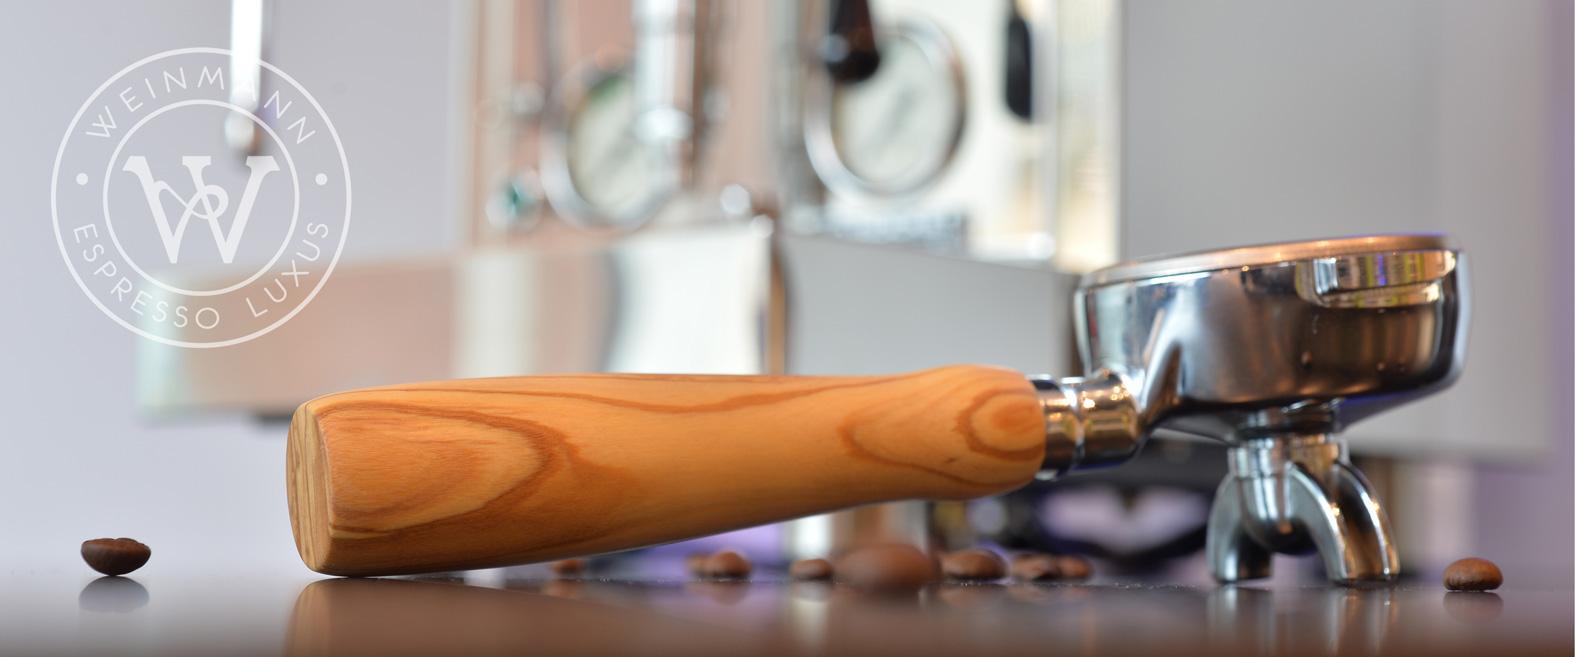 Weinmann Handgefertiger Premium Siebträger aus Oliven-Edelholz